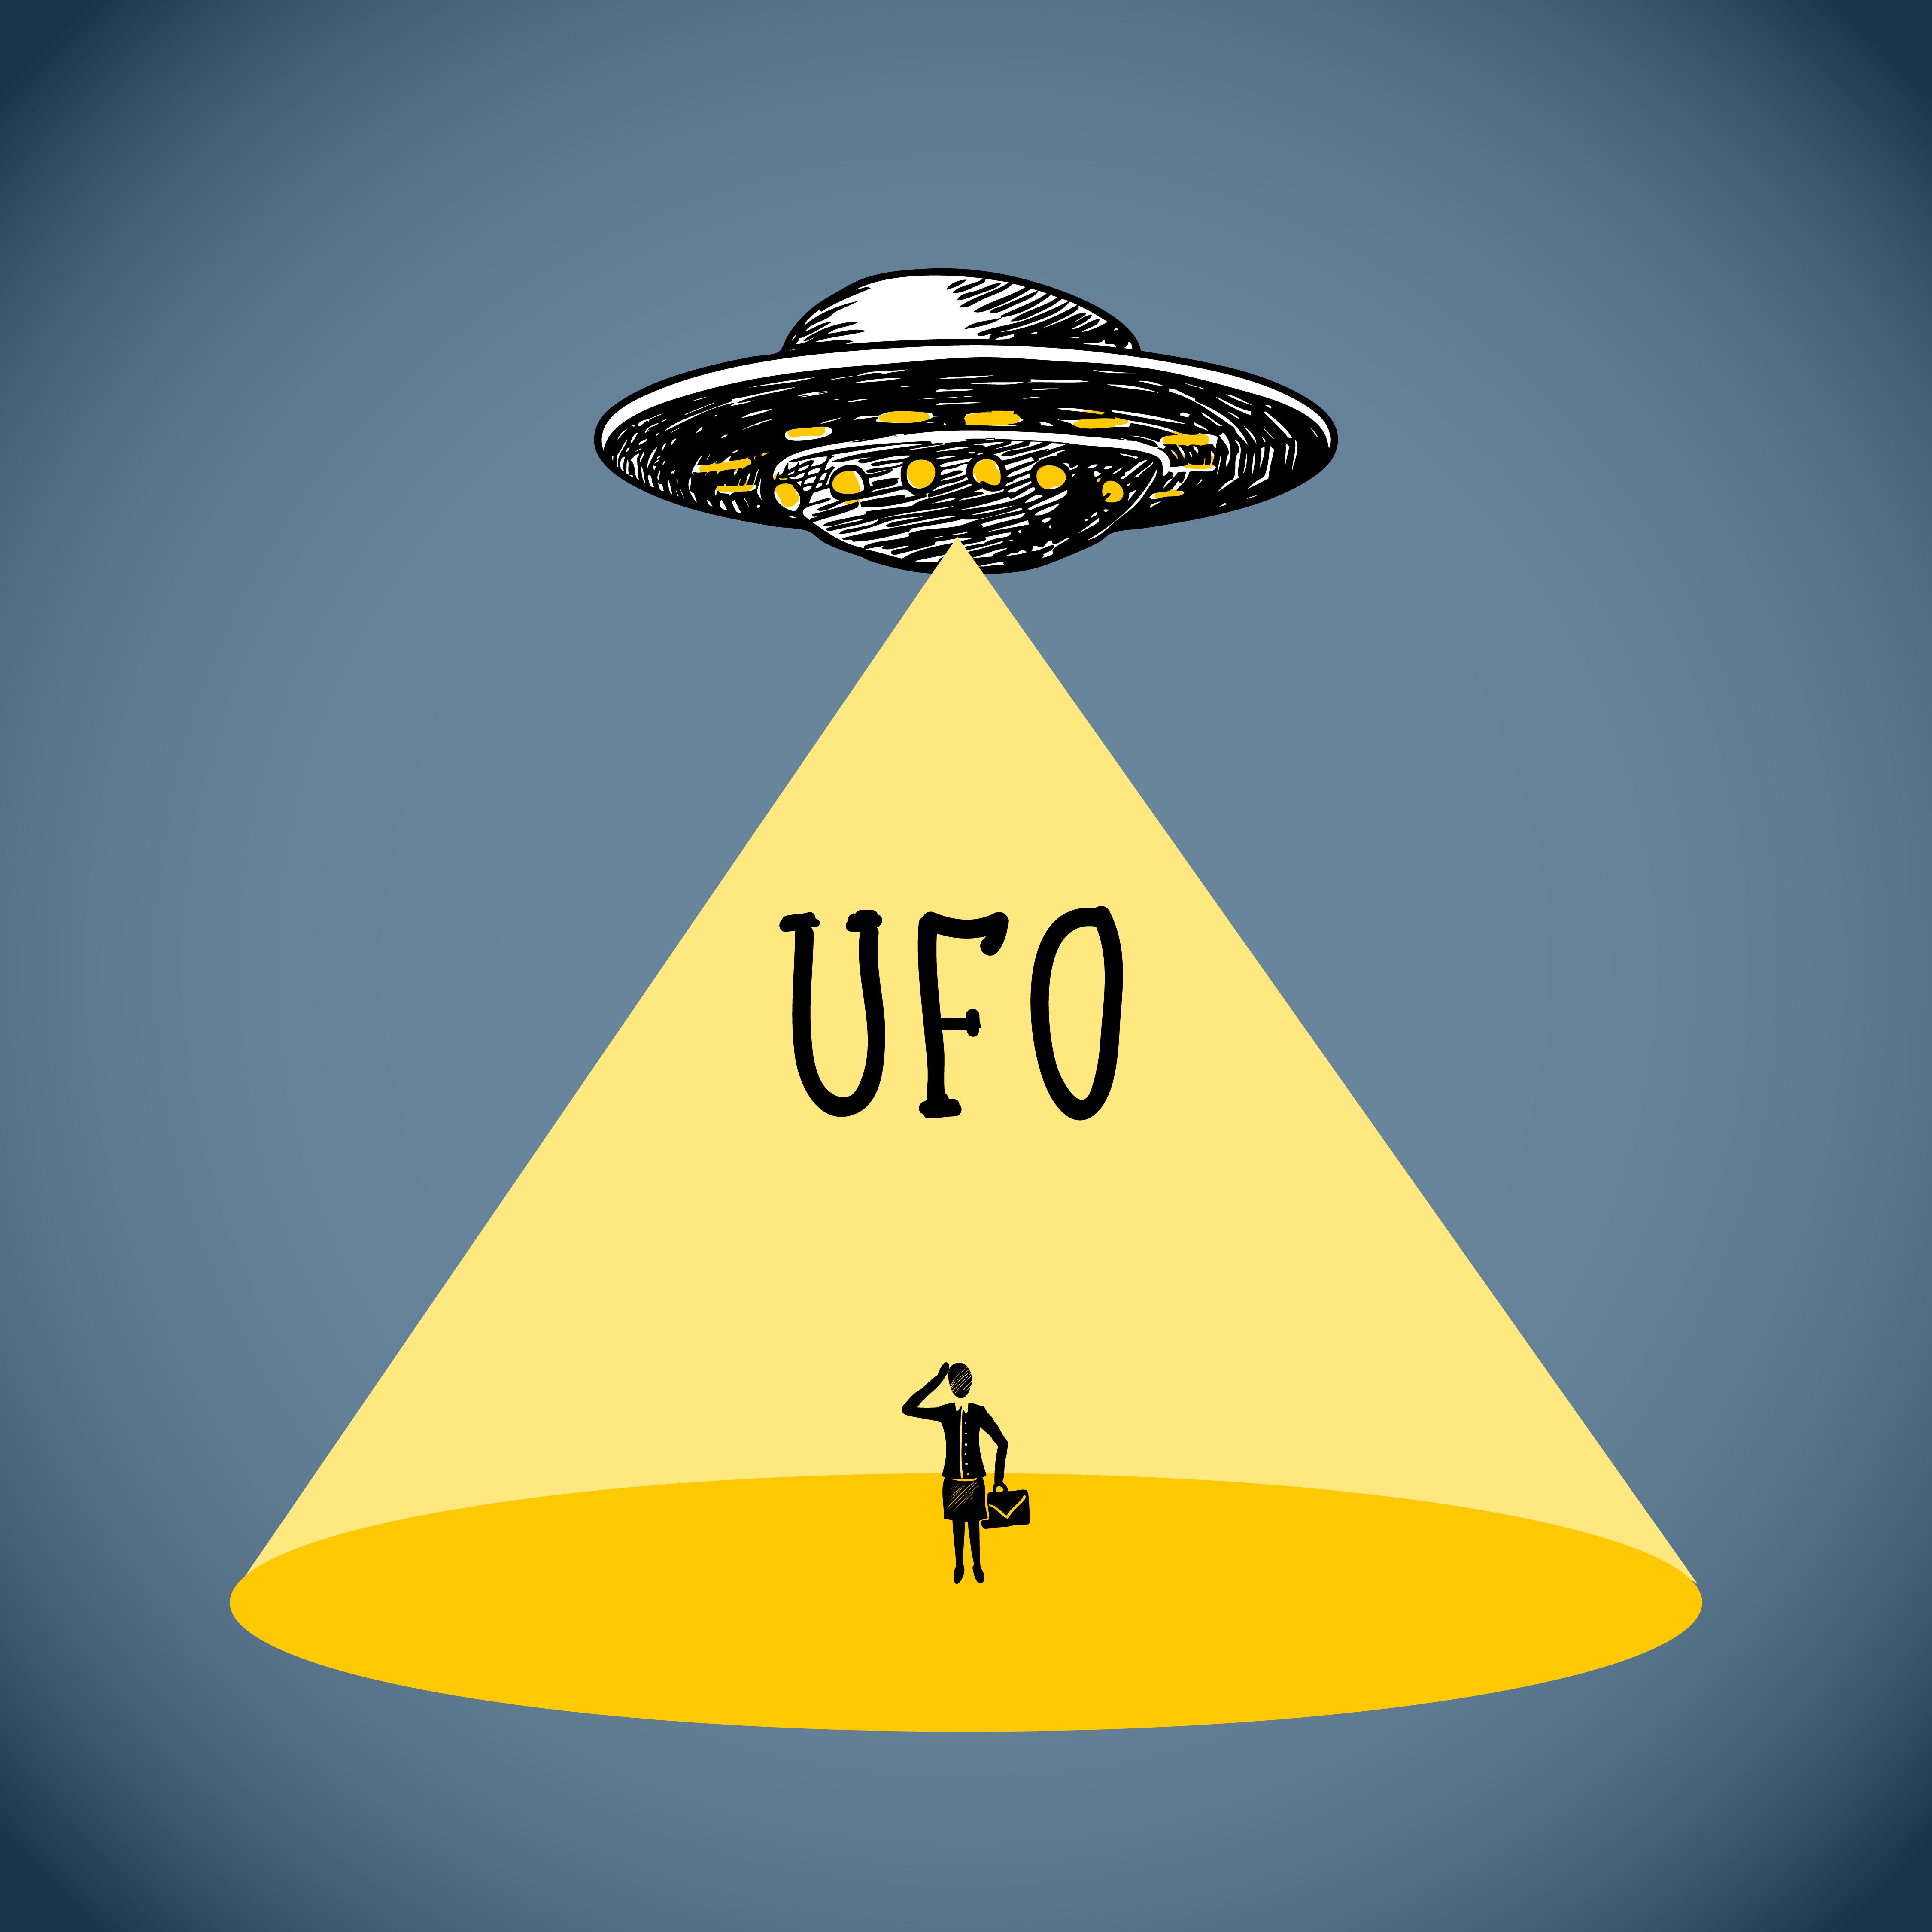 Ufo Poster Sketch 453540 Vector Art At Vecteezy